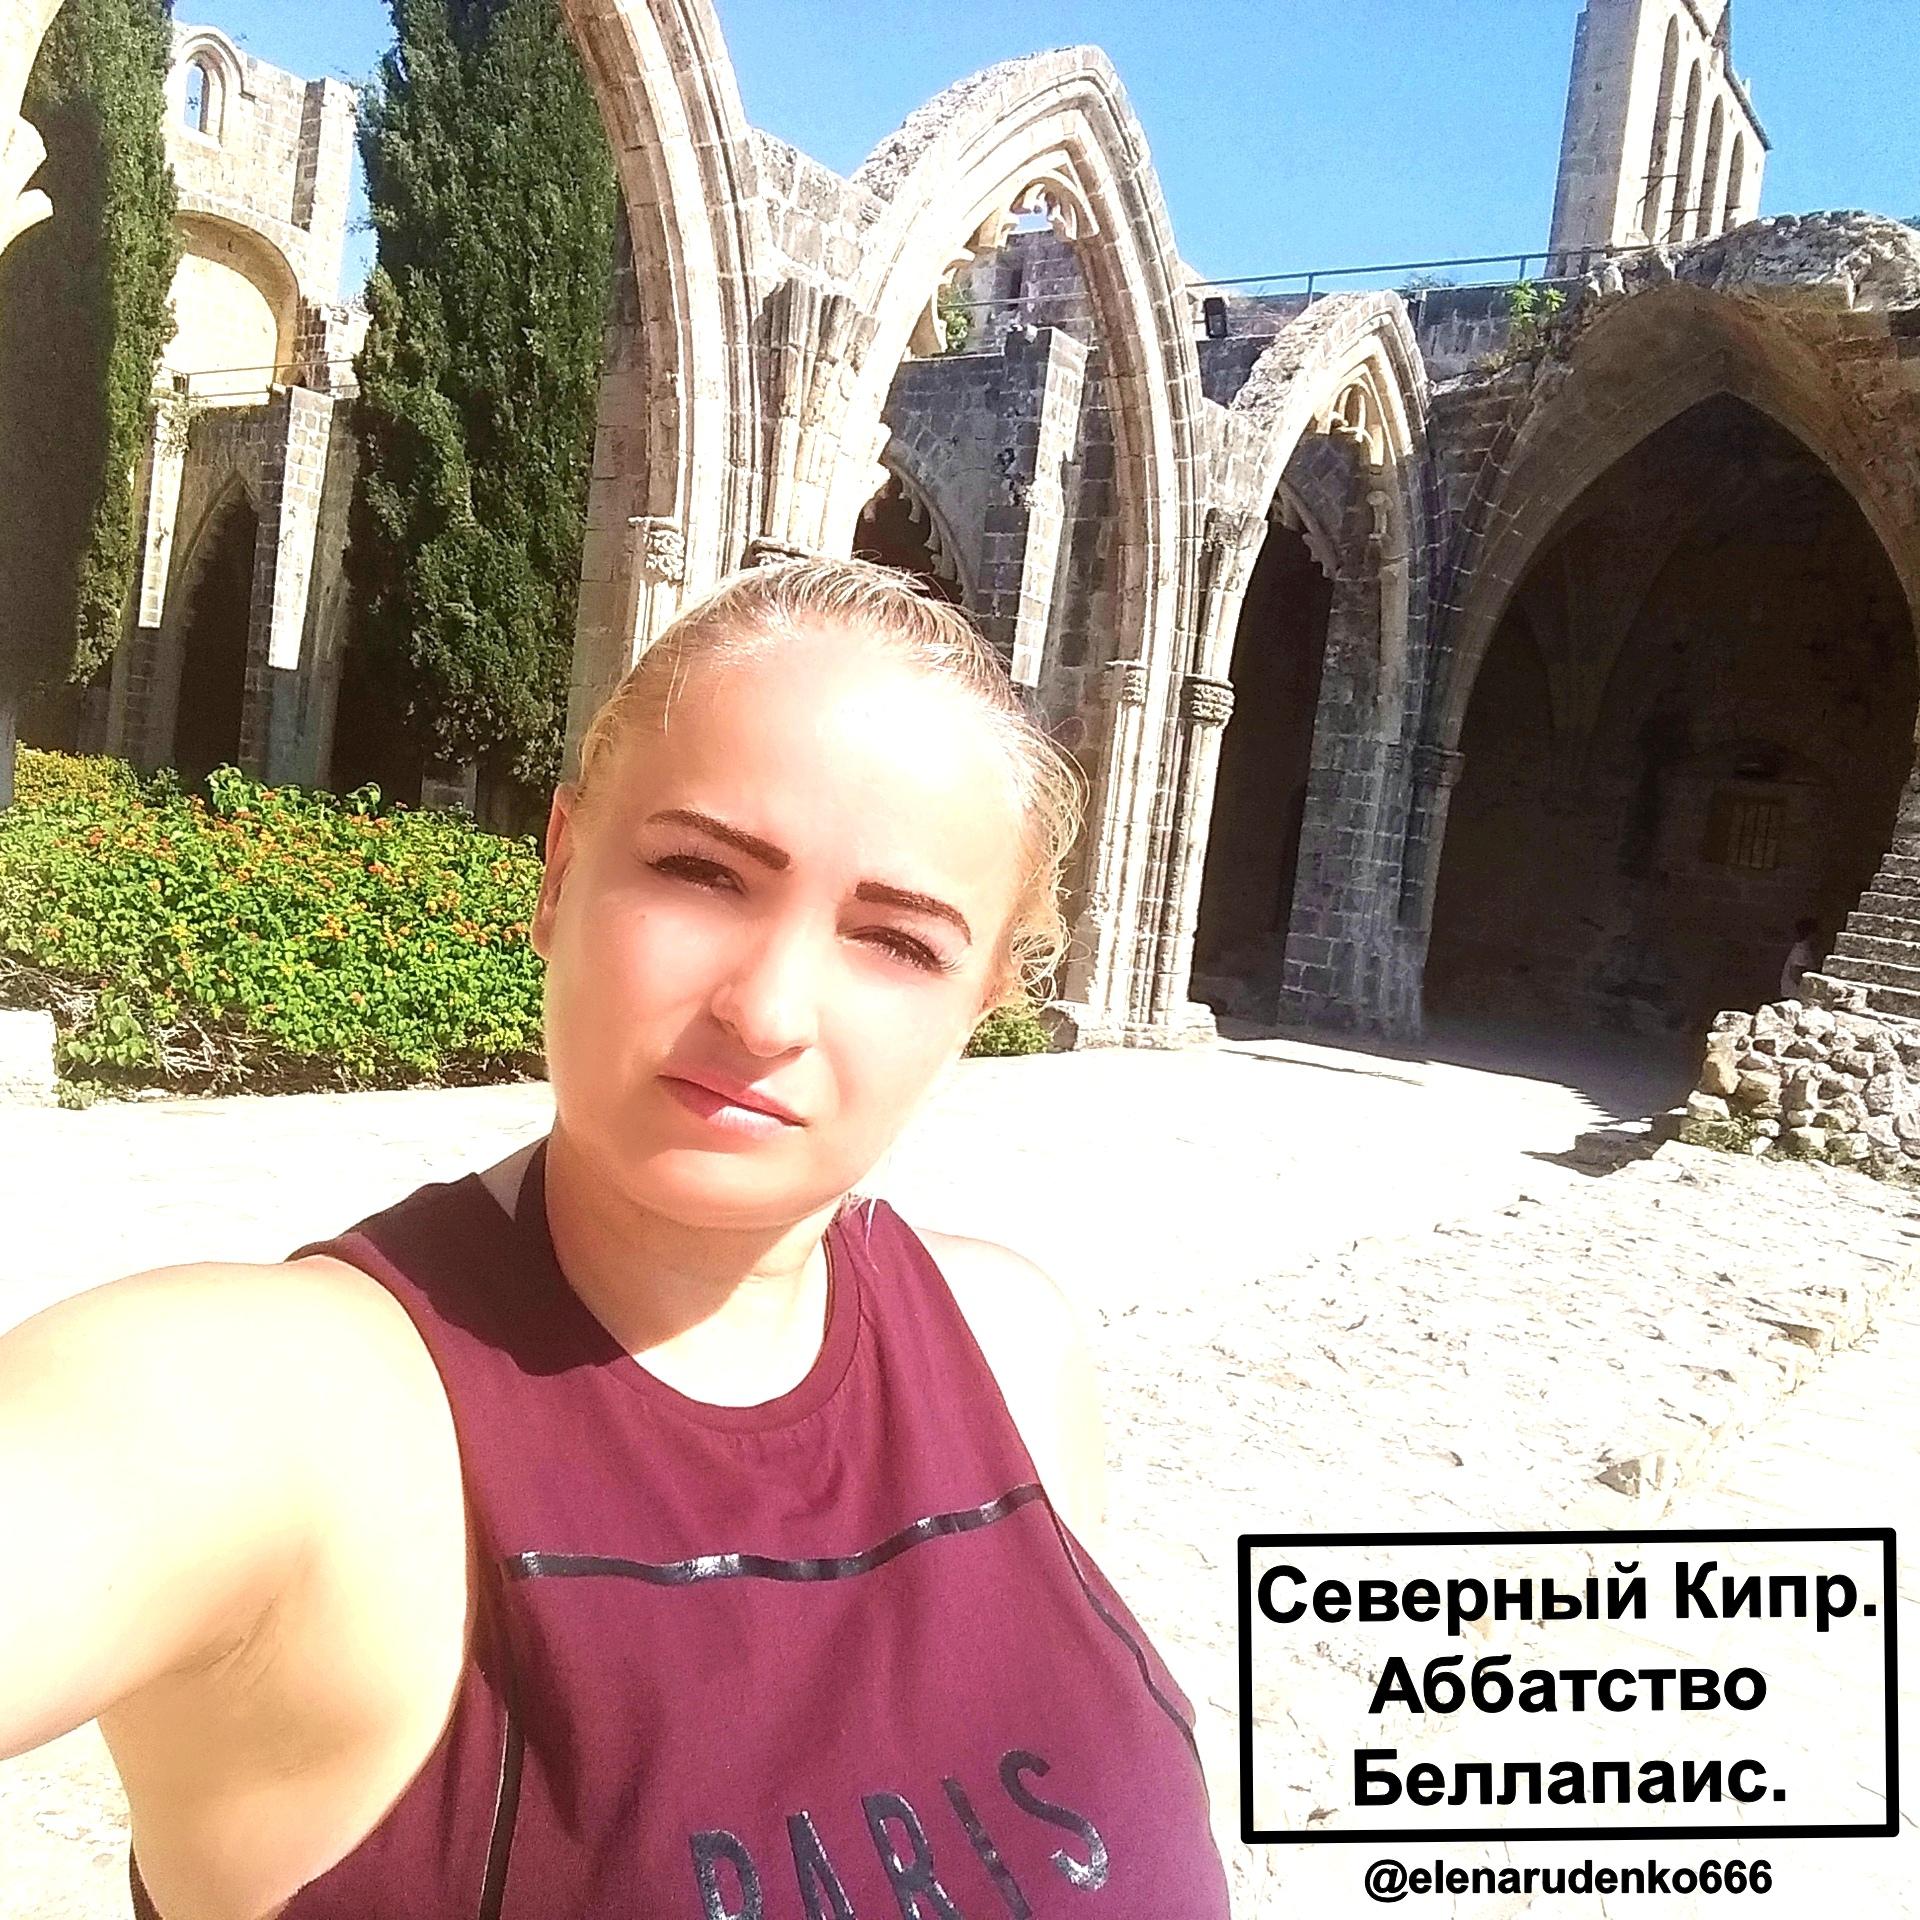 Хиккадува - Интересные места в которых я побывала (Елена Руденко). Ef7BCG9xObA